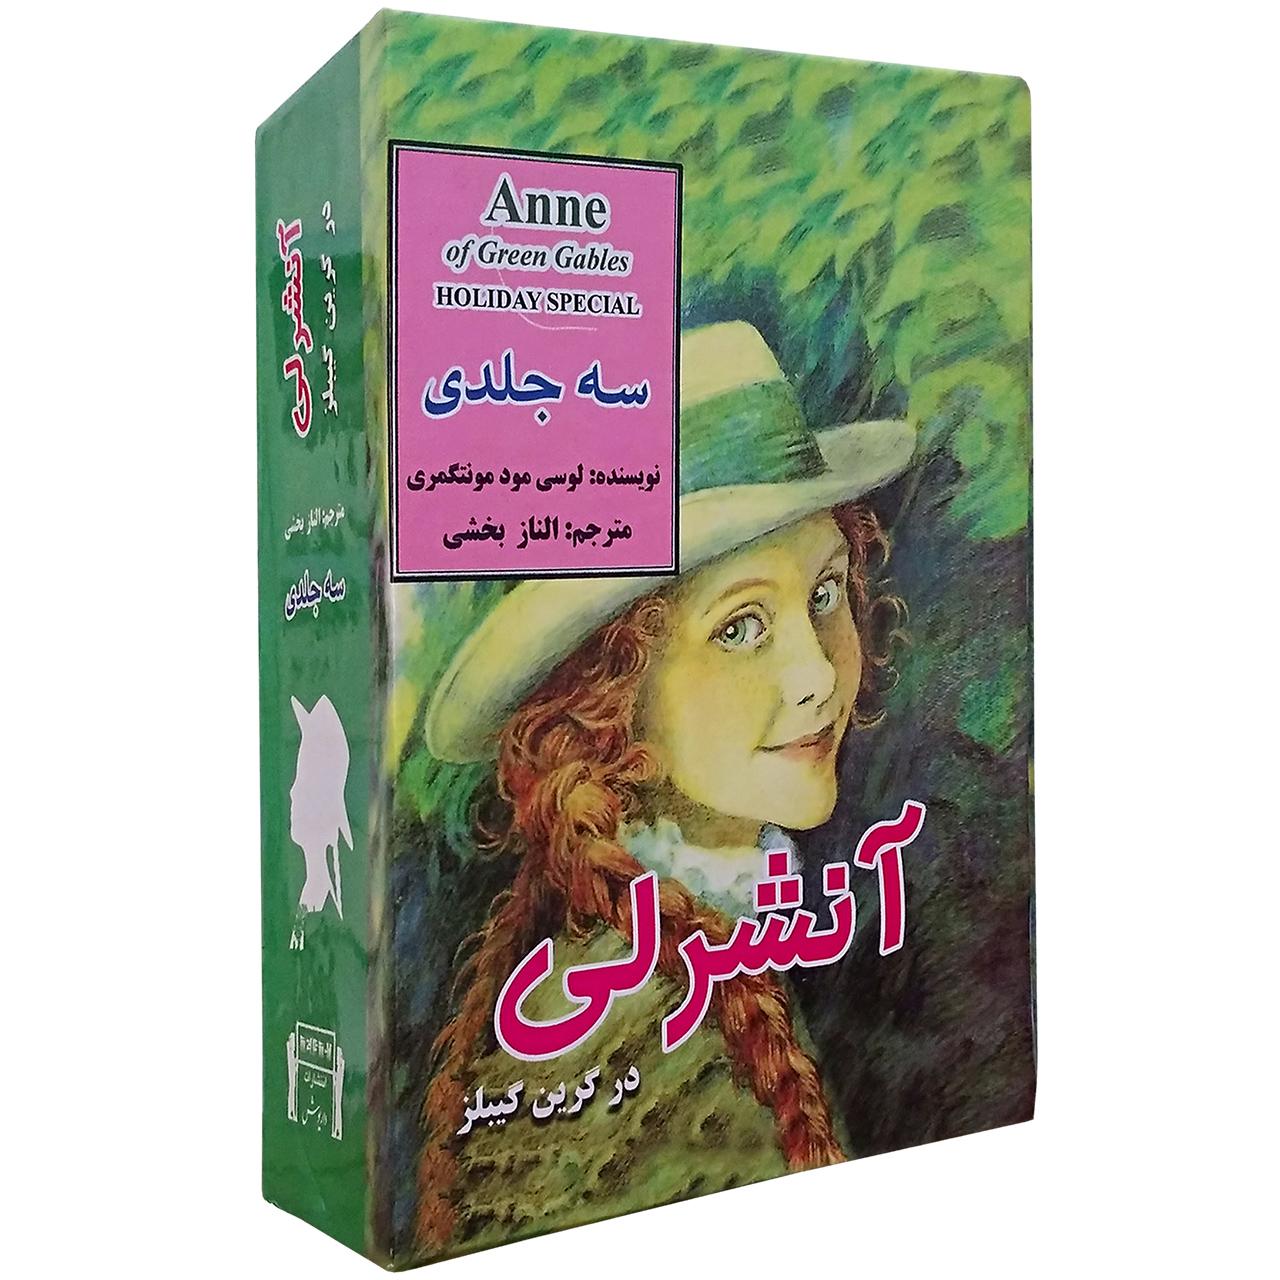 خرید                      کتاب آنشرلی اثر لوسی مود مونتگمری سه جلدی